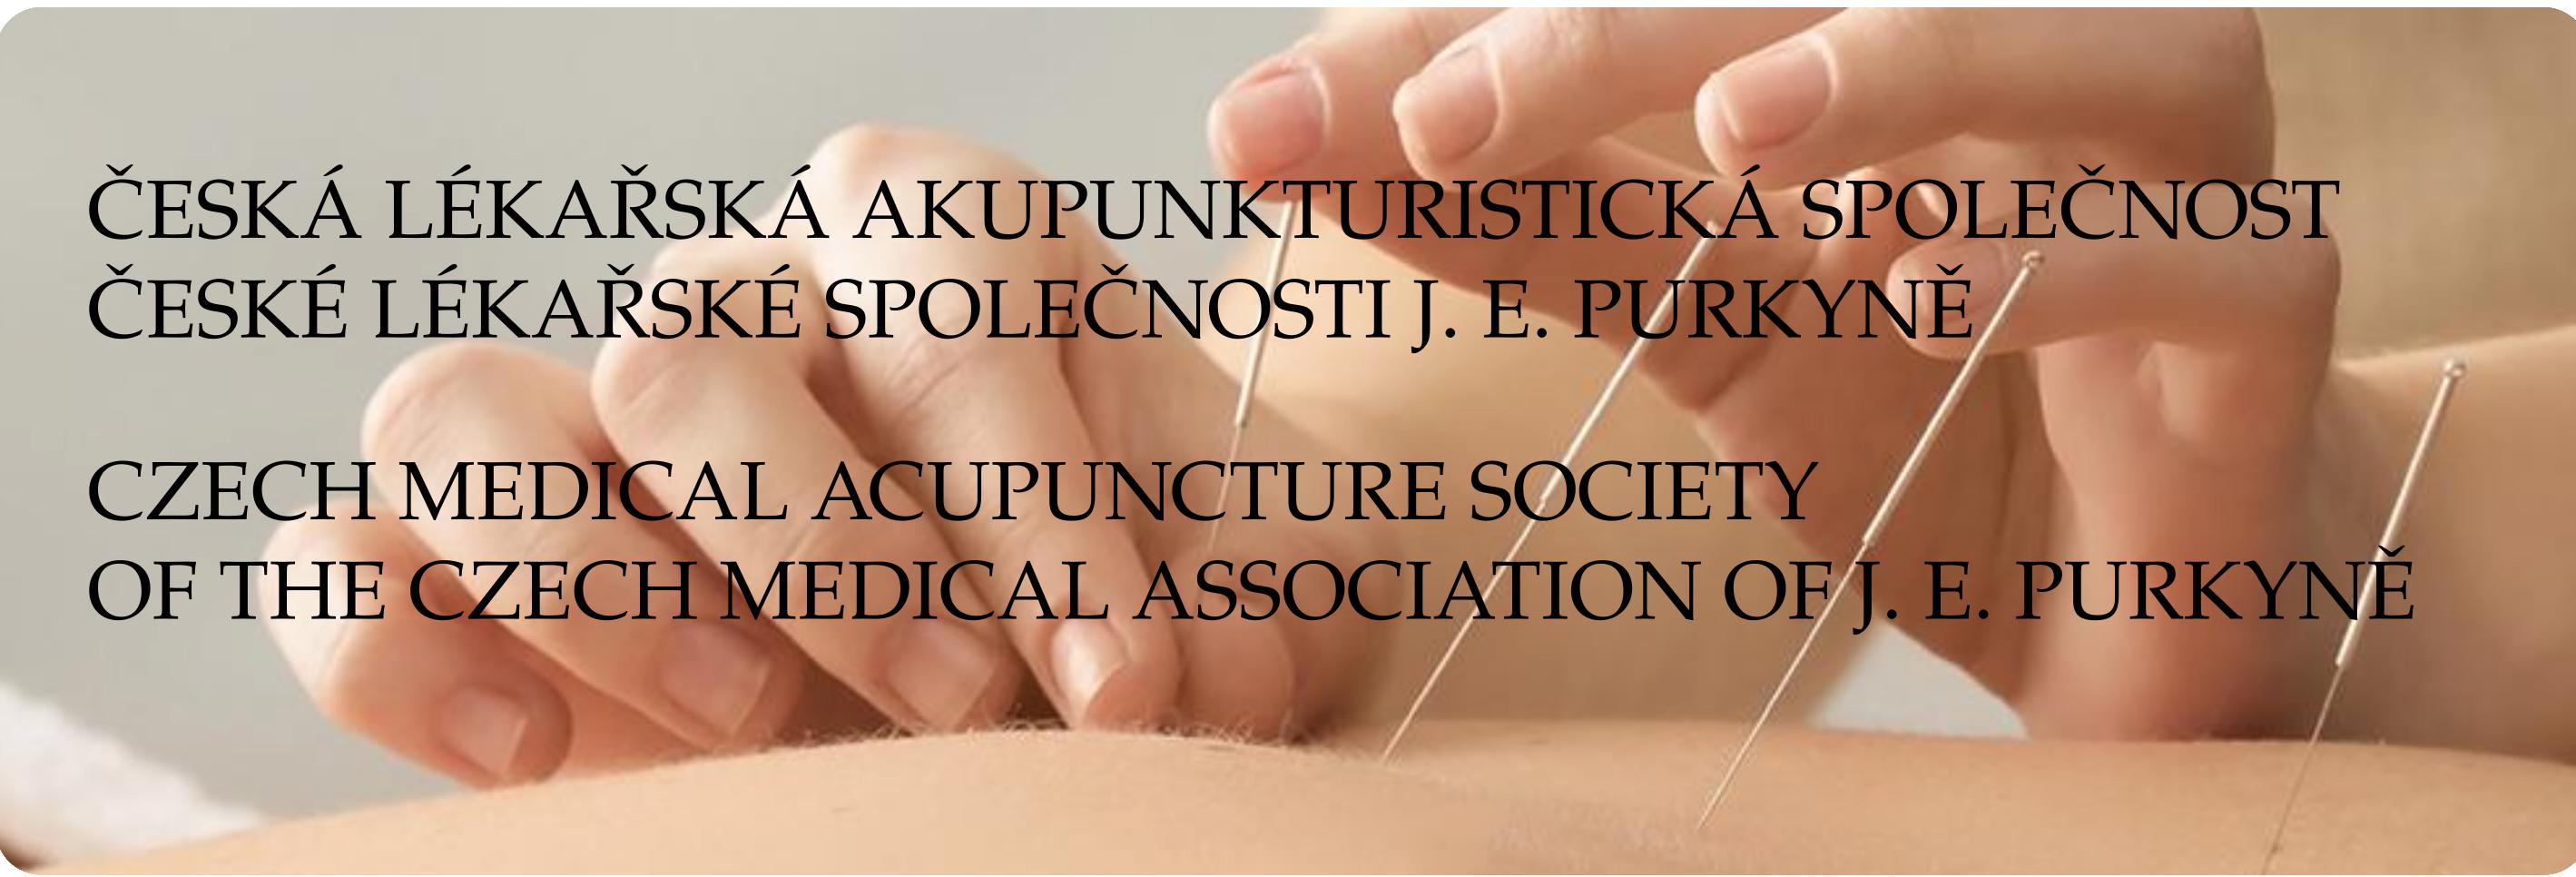 Česká lékařská akupunkturistická společnost